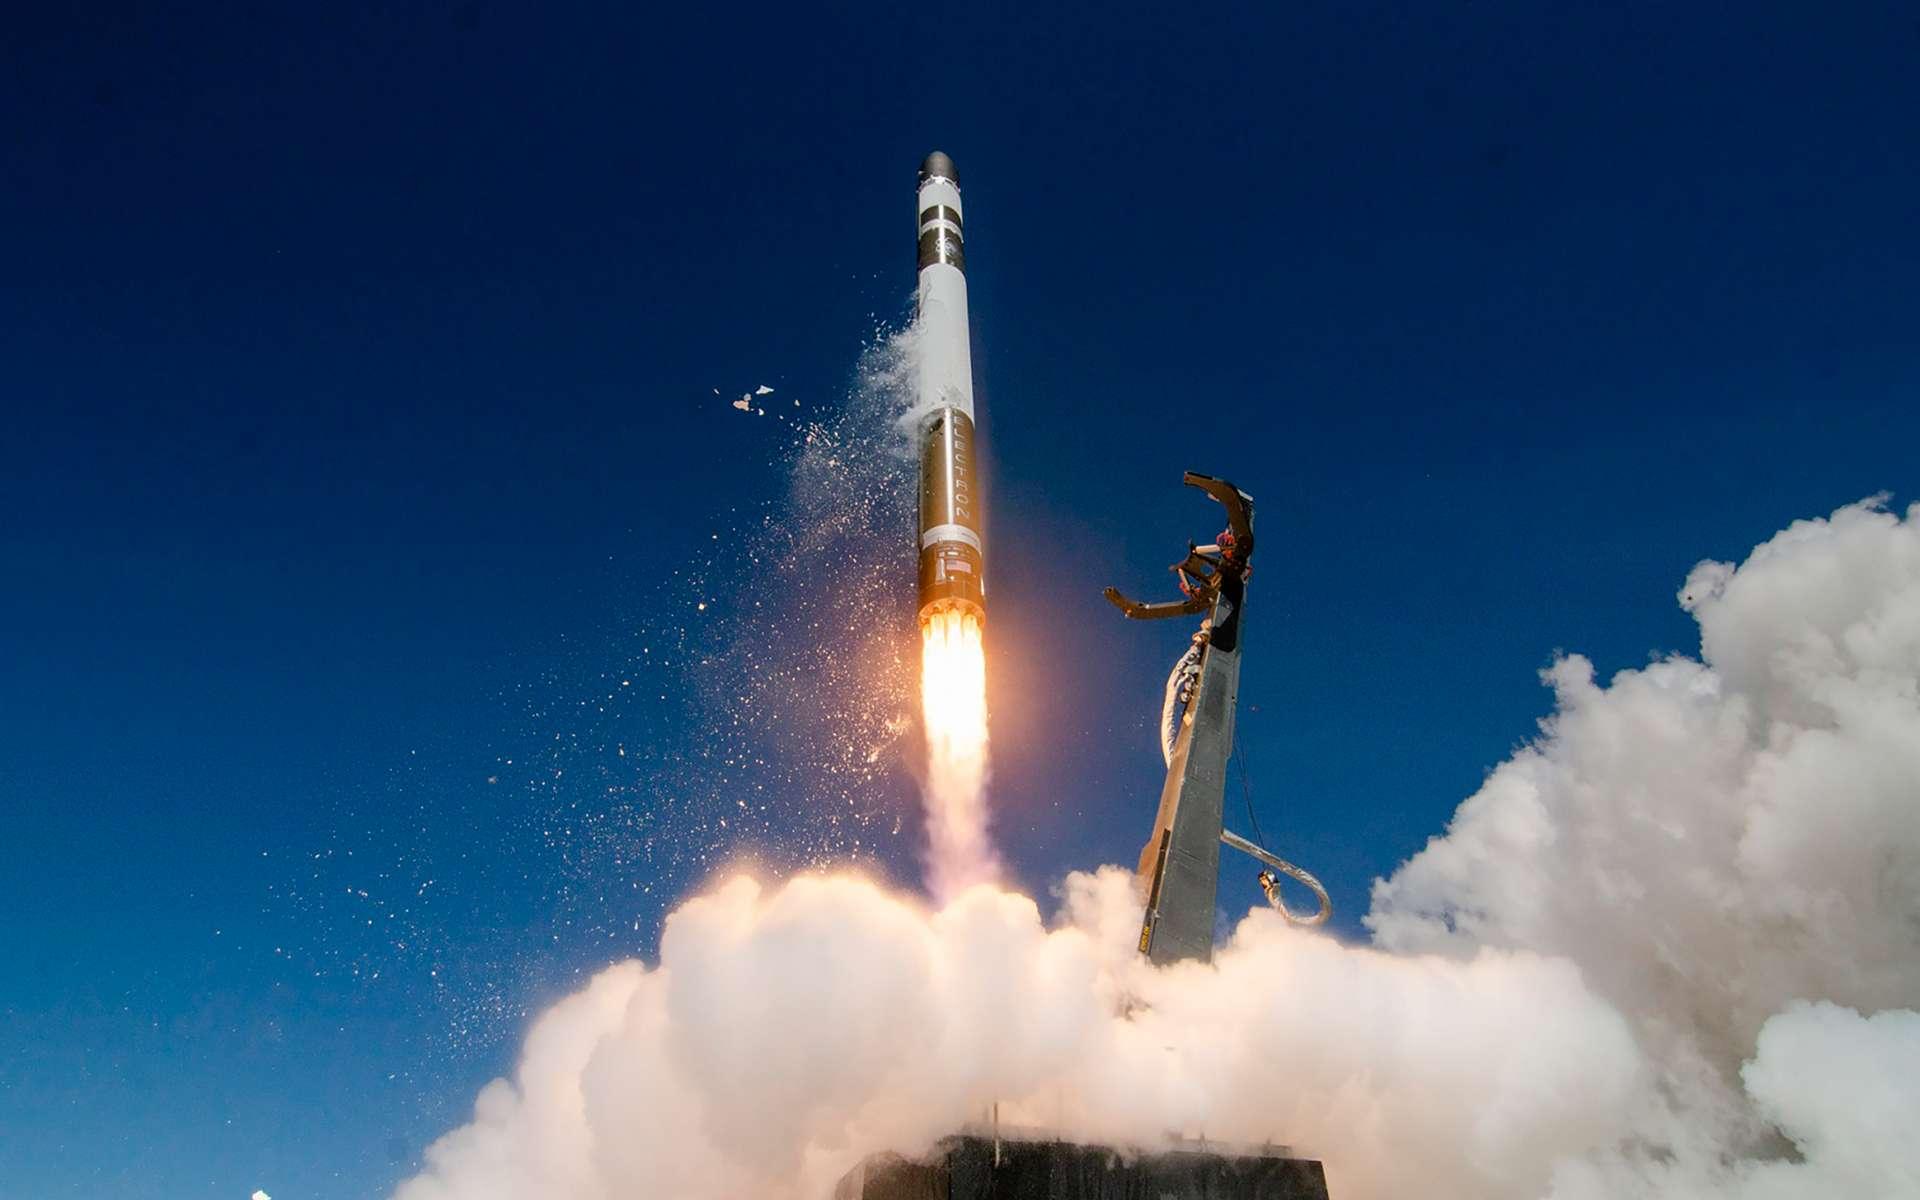 Un lanceur Electron au décollage depuis la base de lancement de Rocket Lab, située dans la péninsule Mahia, en Nouvelle-Zélande. © Simon Moffatt, Sam Toms